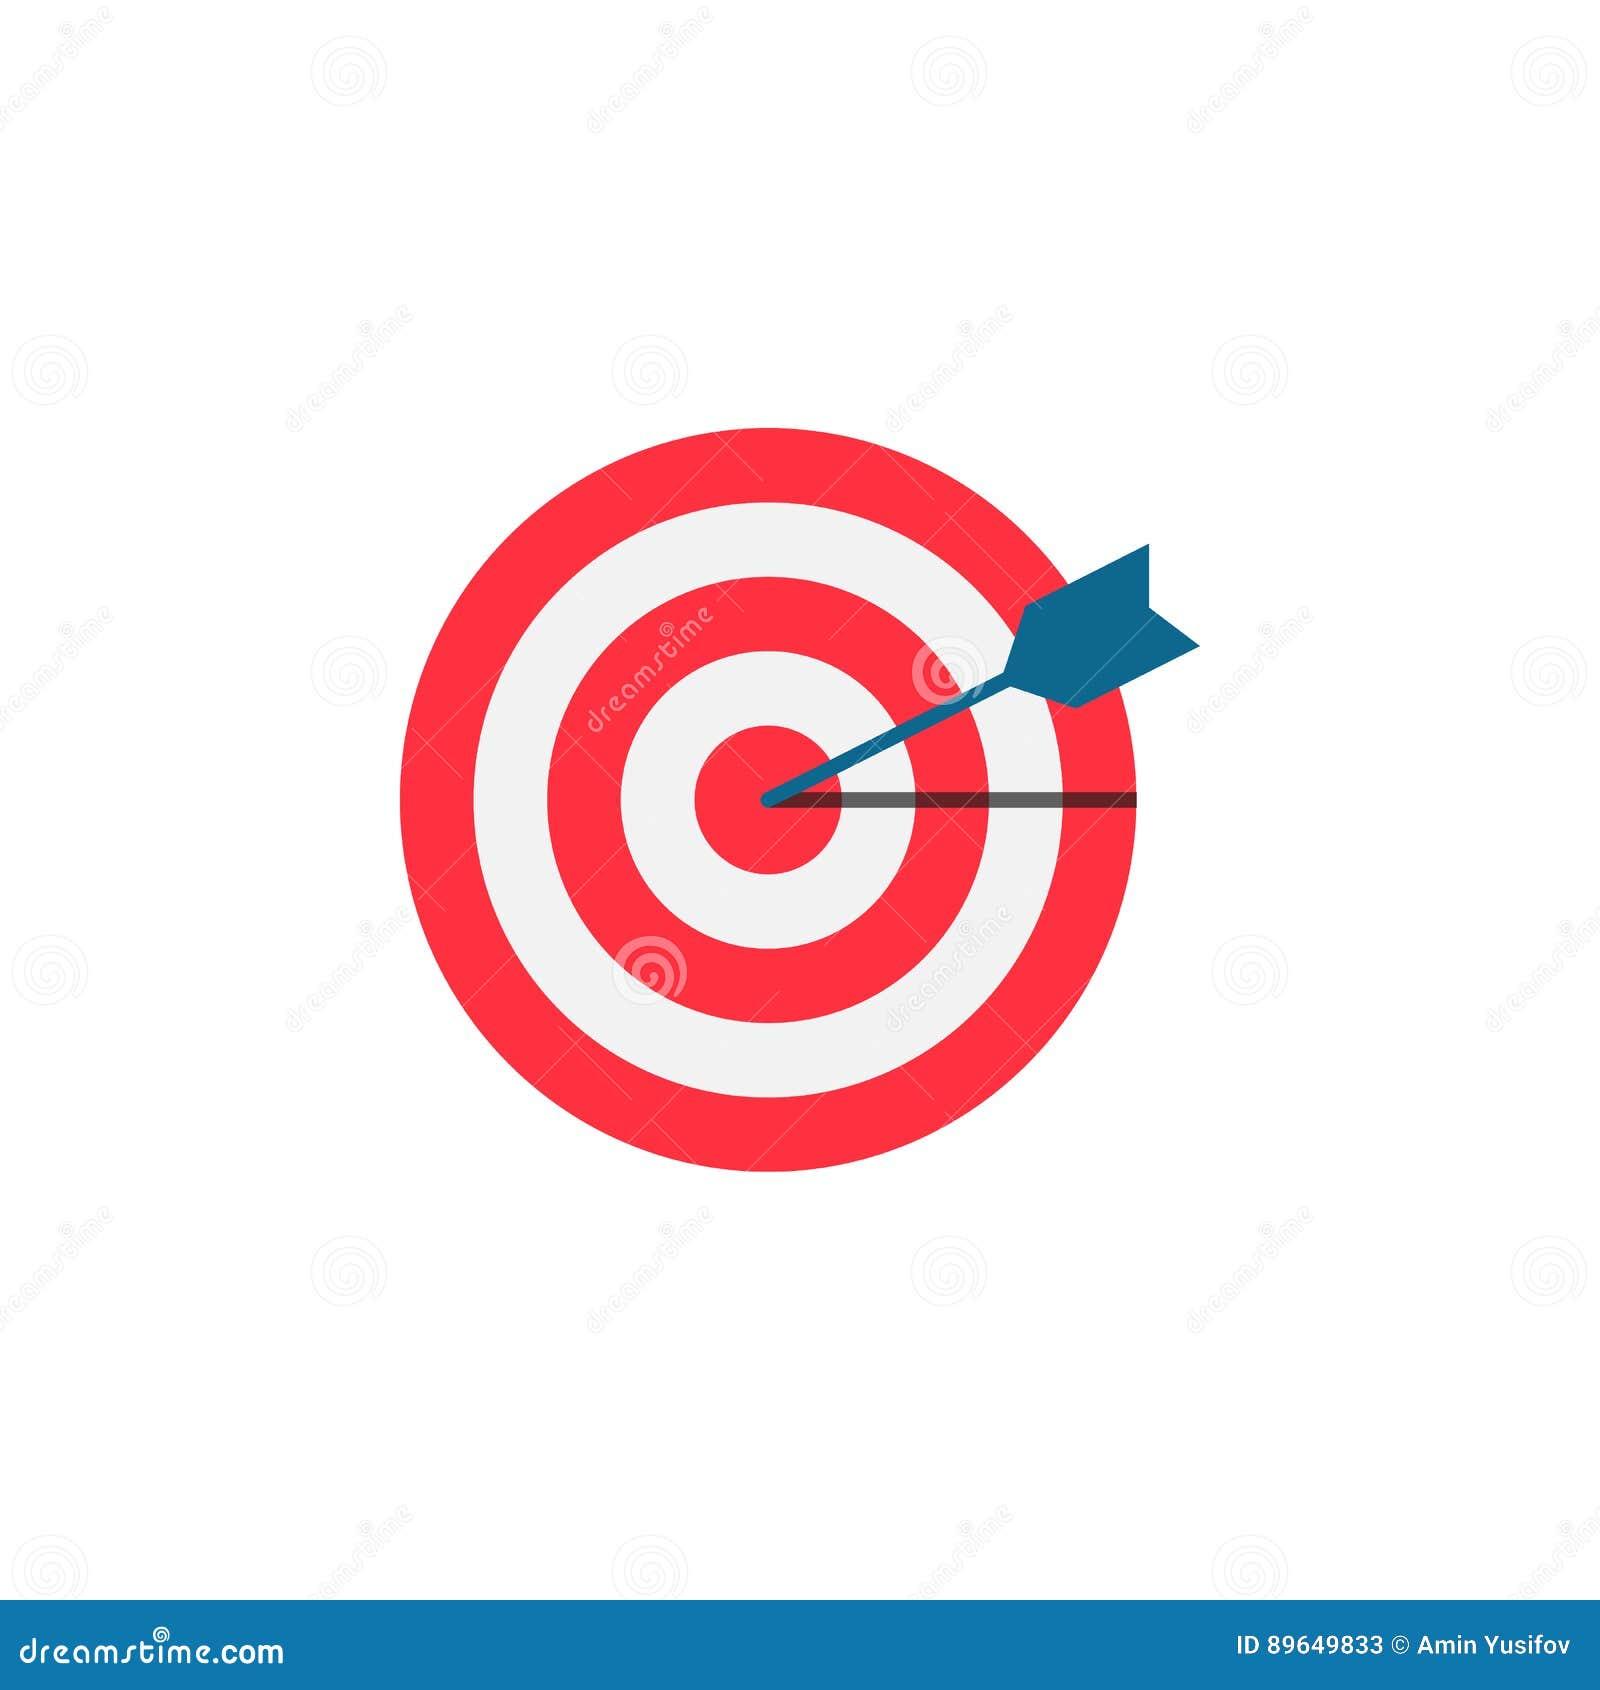 Target keyword flat icon